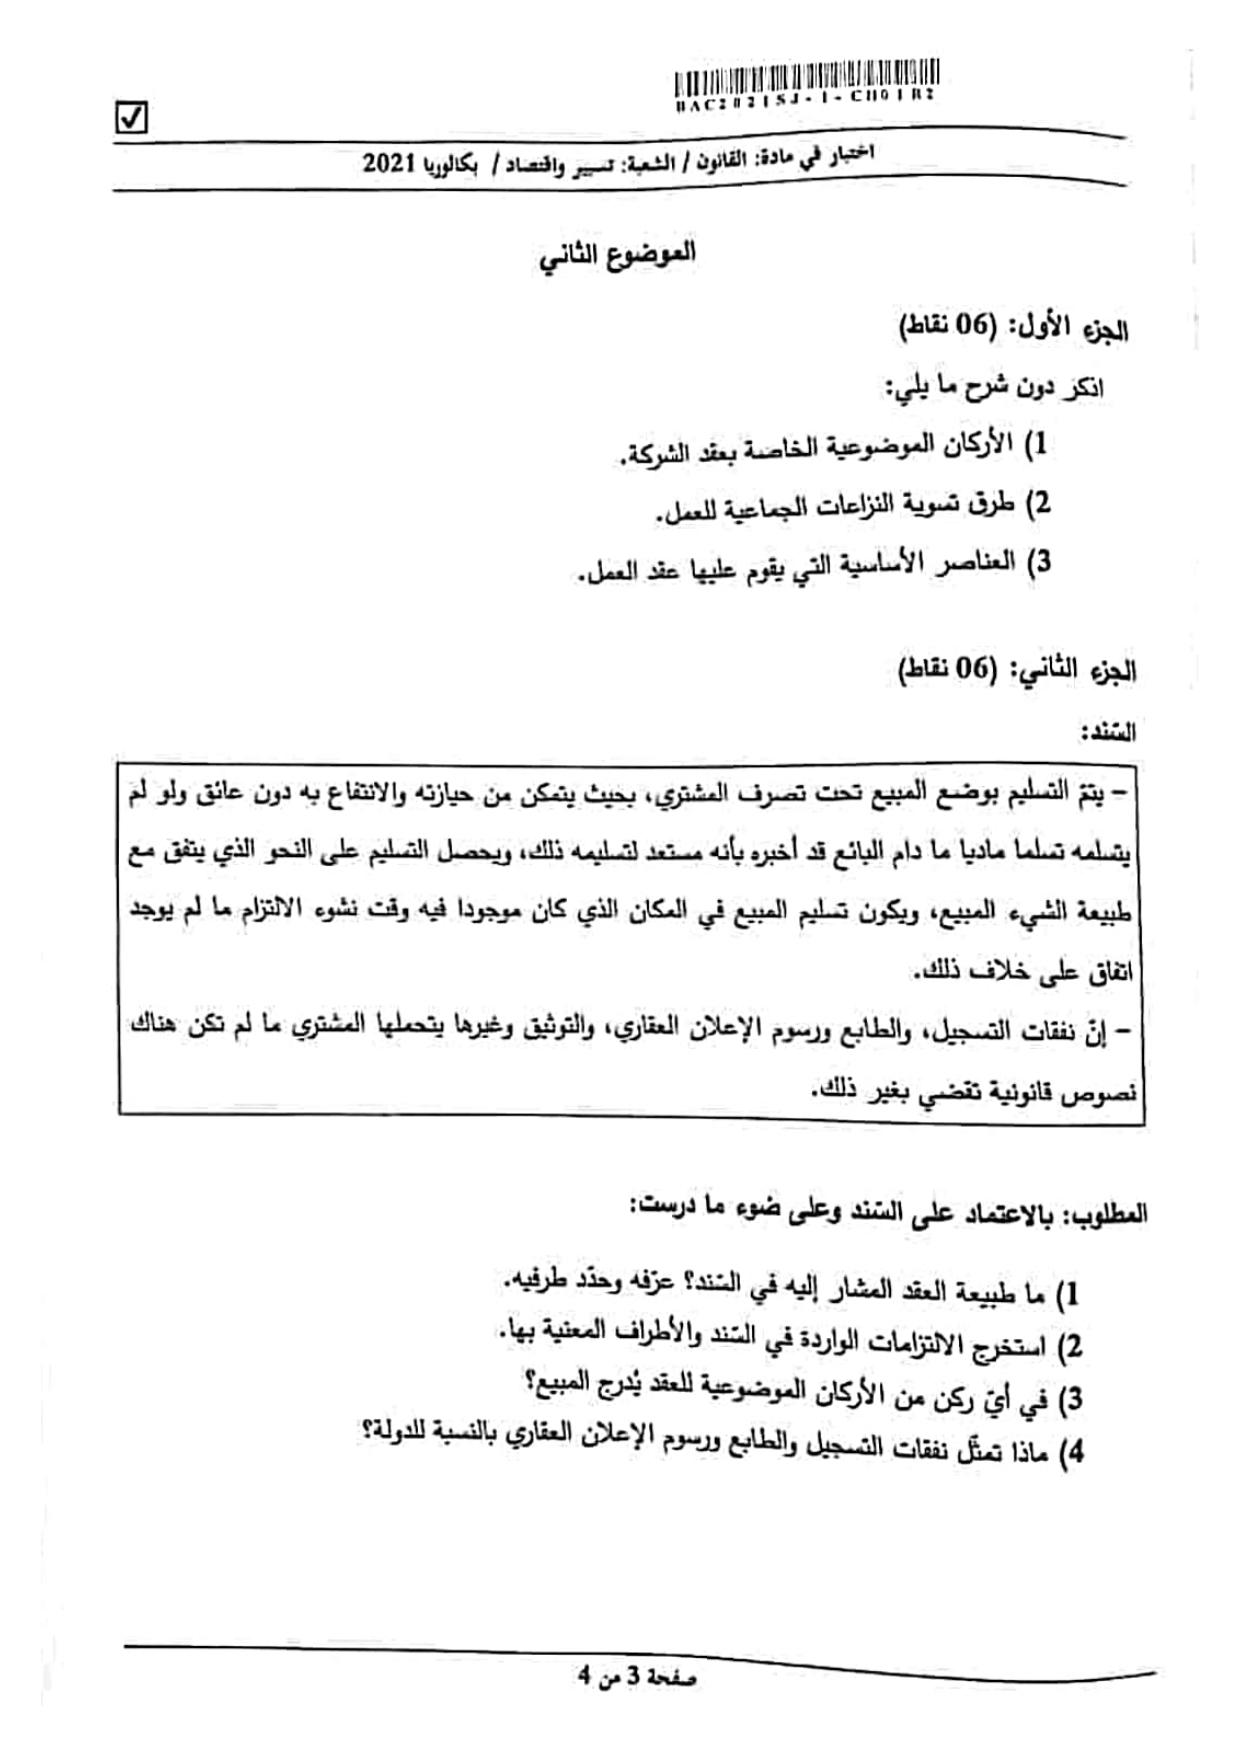 موضوع القانون بكالوريا 2021 شعبة تسيير واقتصاد بكالوريا الجزائر